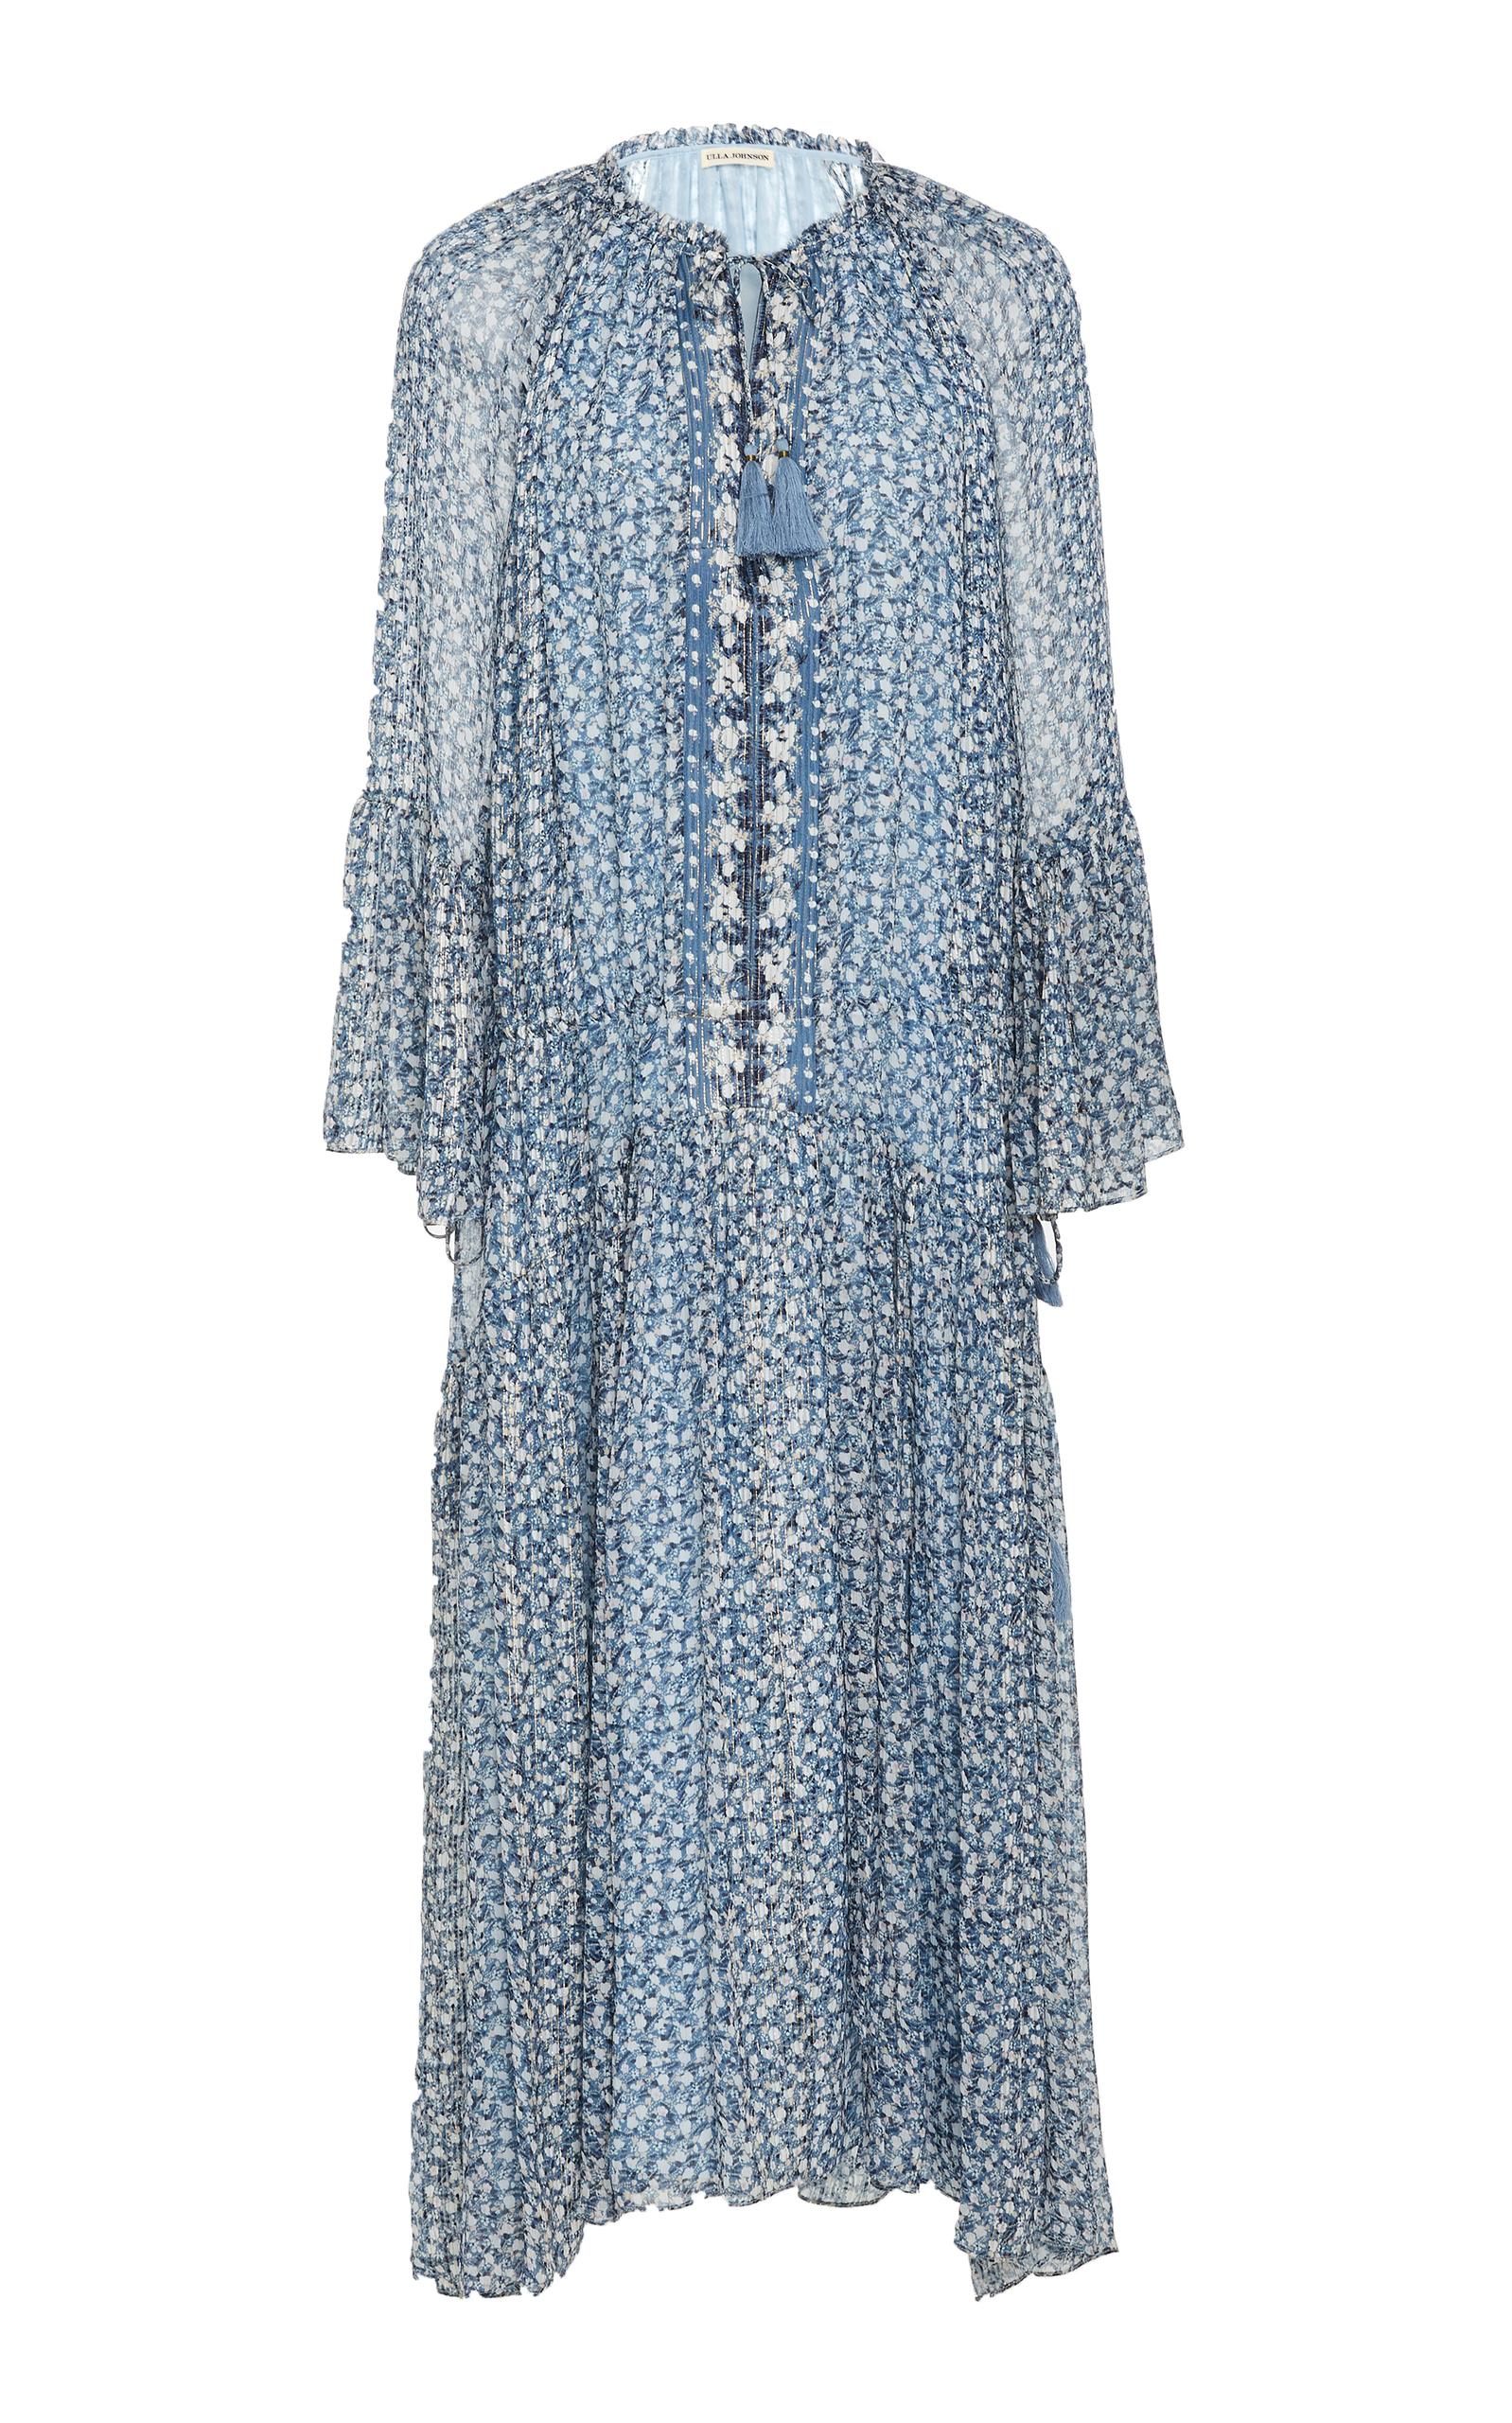 Silk blue chiffon dress new photo